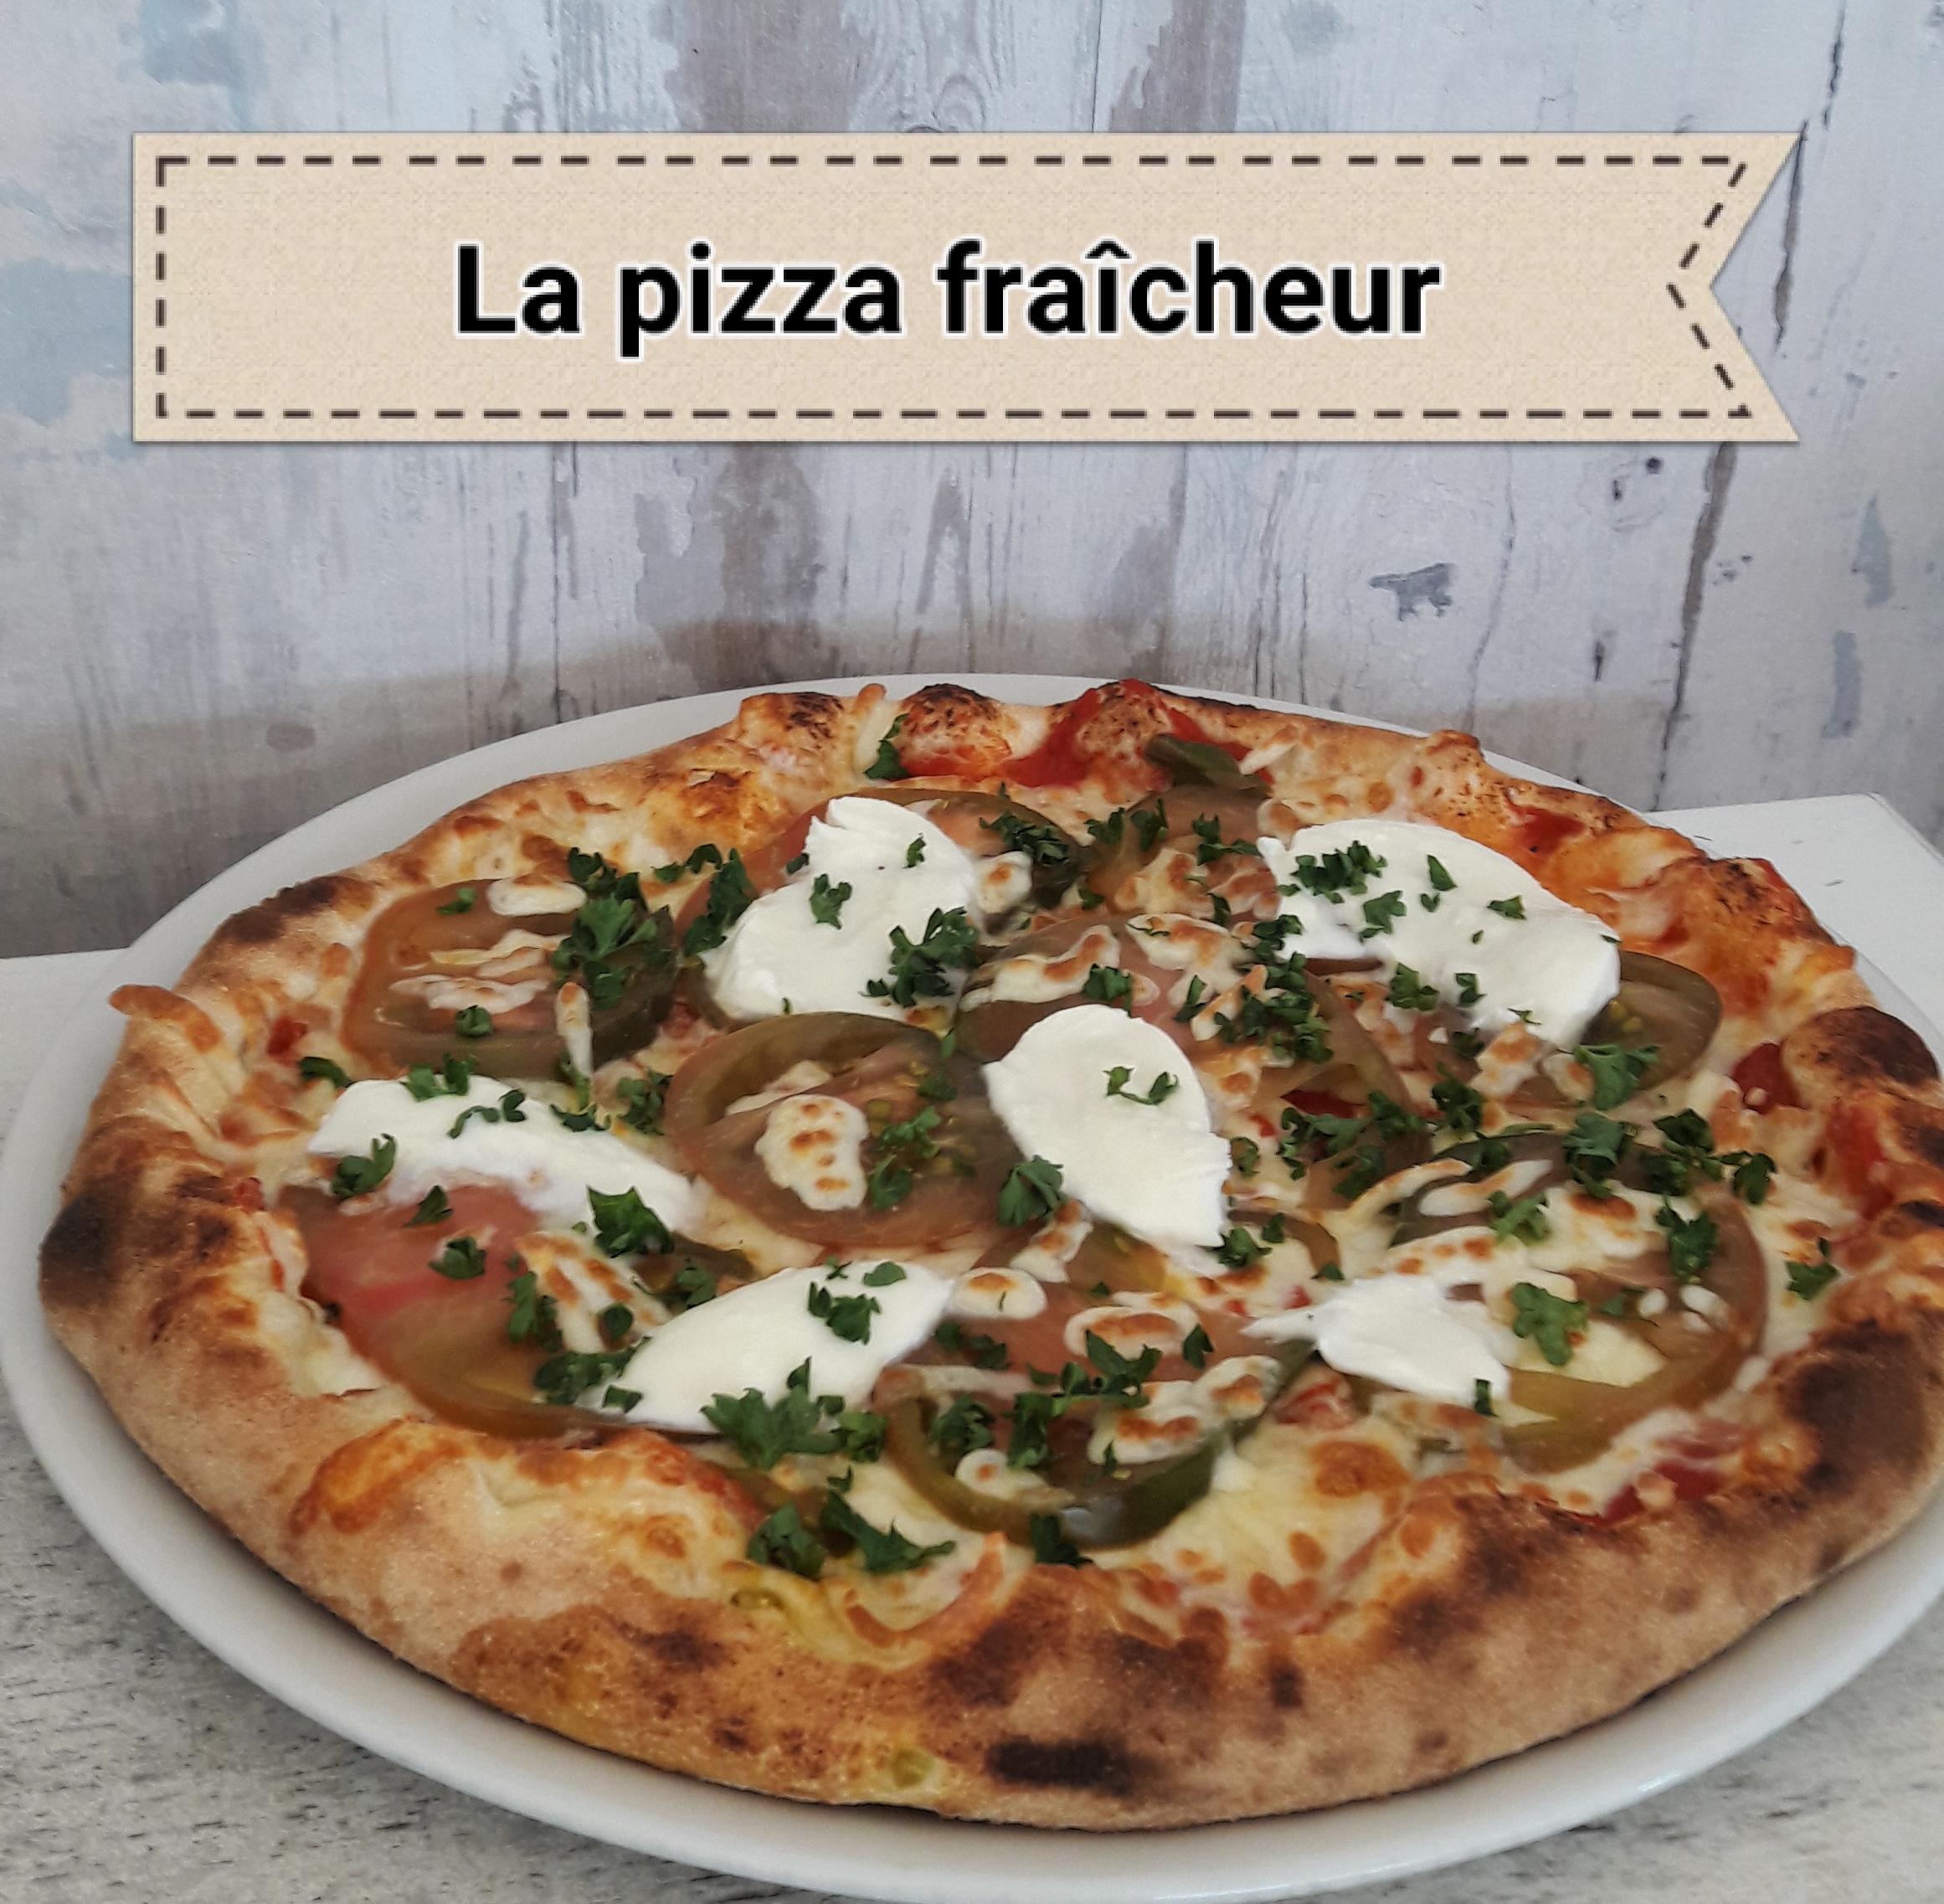 PIZZA FRAICHEUR